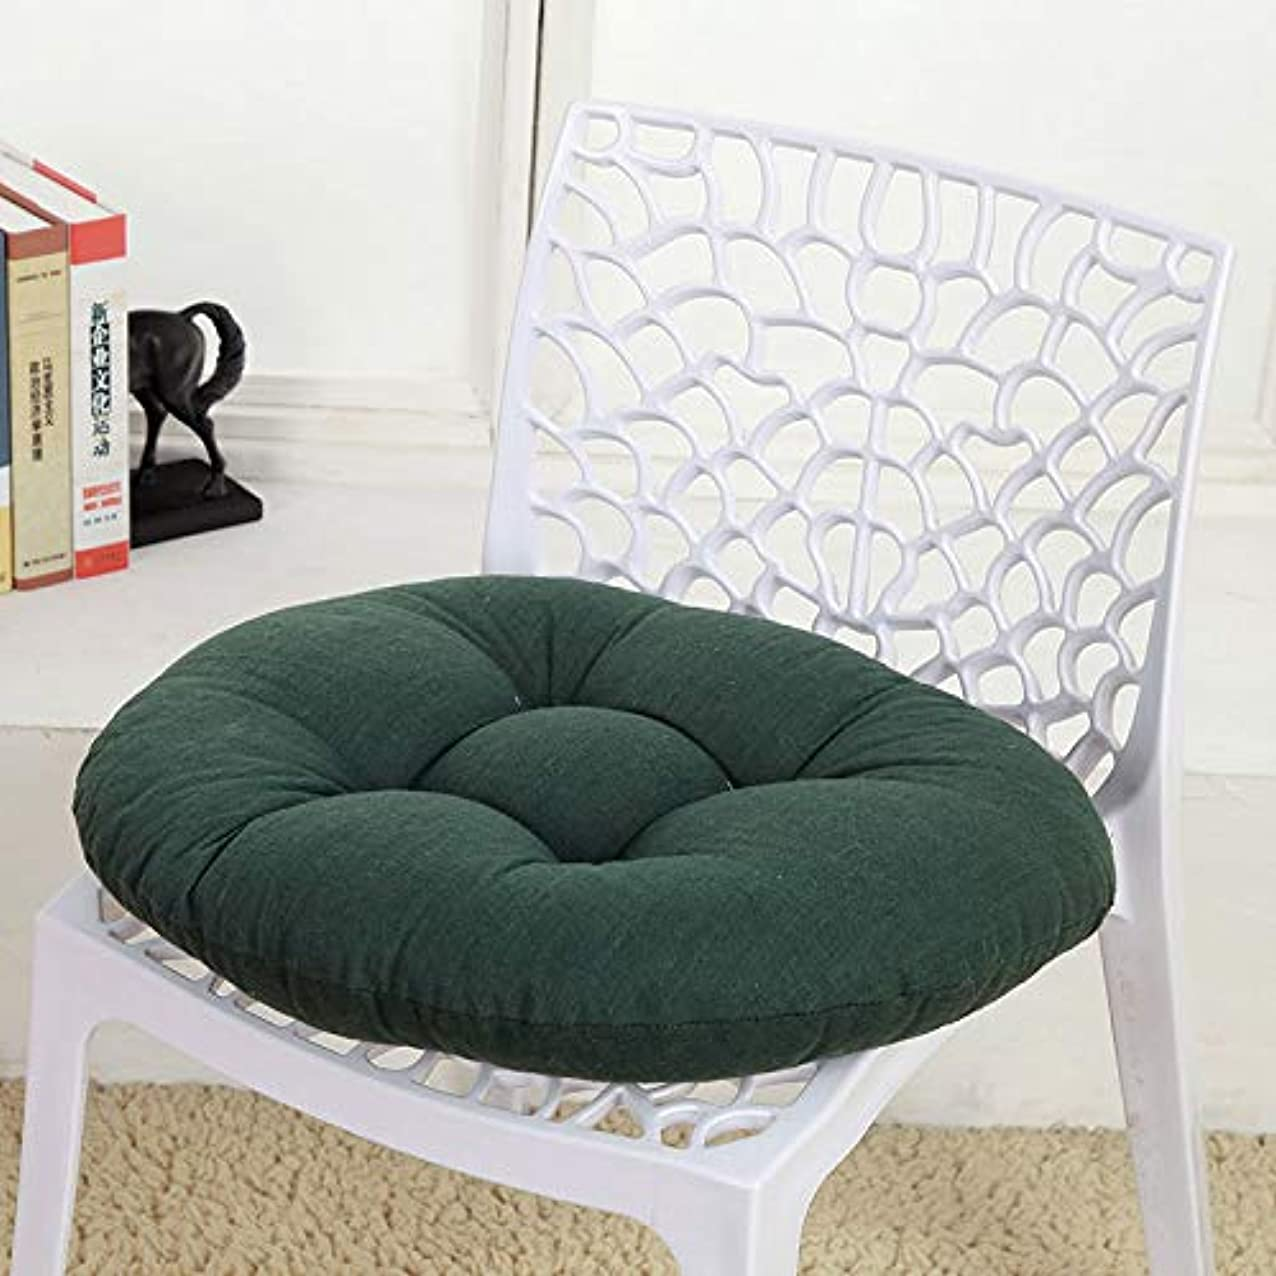 孤独キャラクター欠かせないLIFE キャンディカラーのクッションラウンドシートクッション波ウィンドウシートクッションクッション家の装飾パッドラウンド枕シート枕椅子座る枕 クッション 椅子